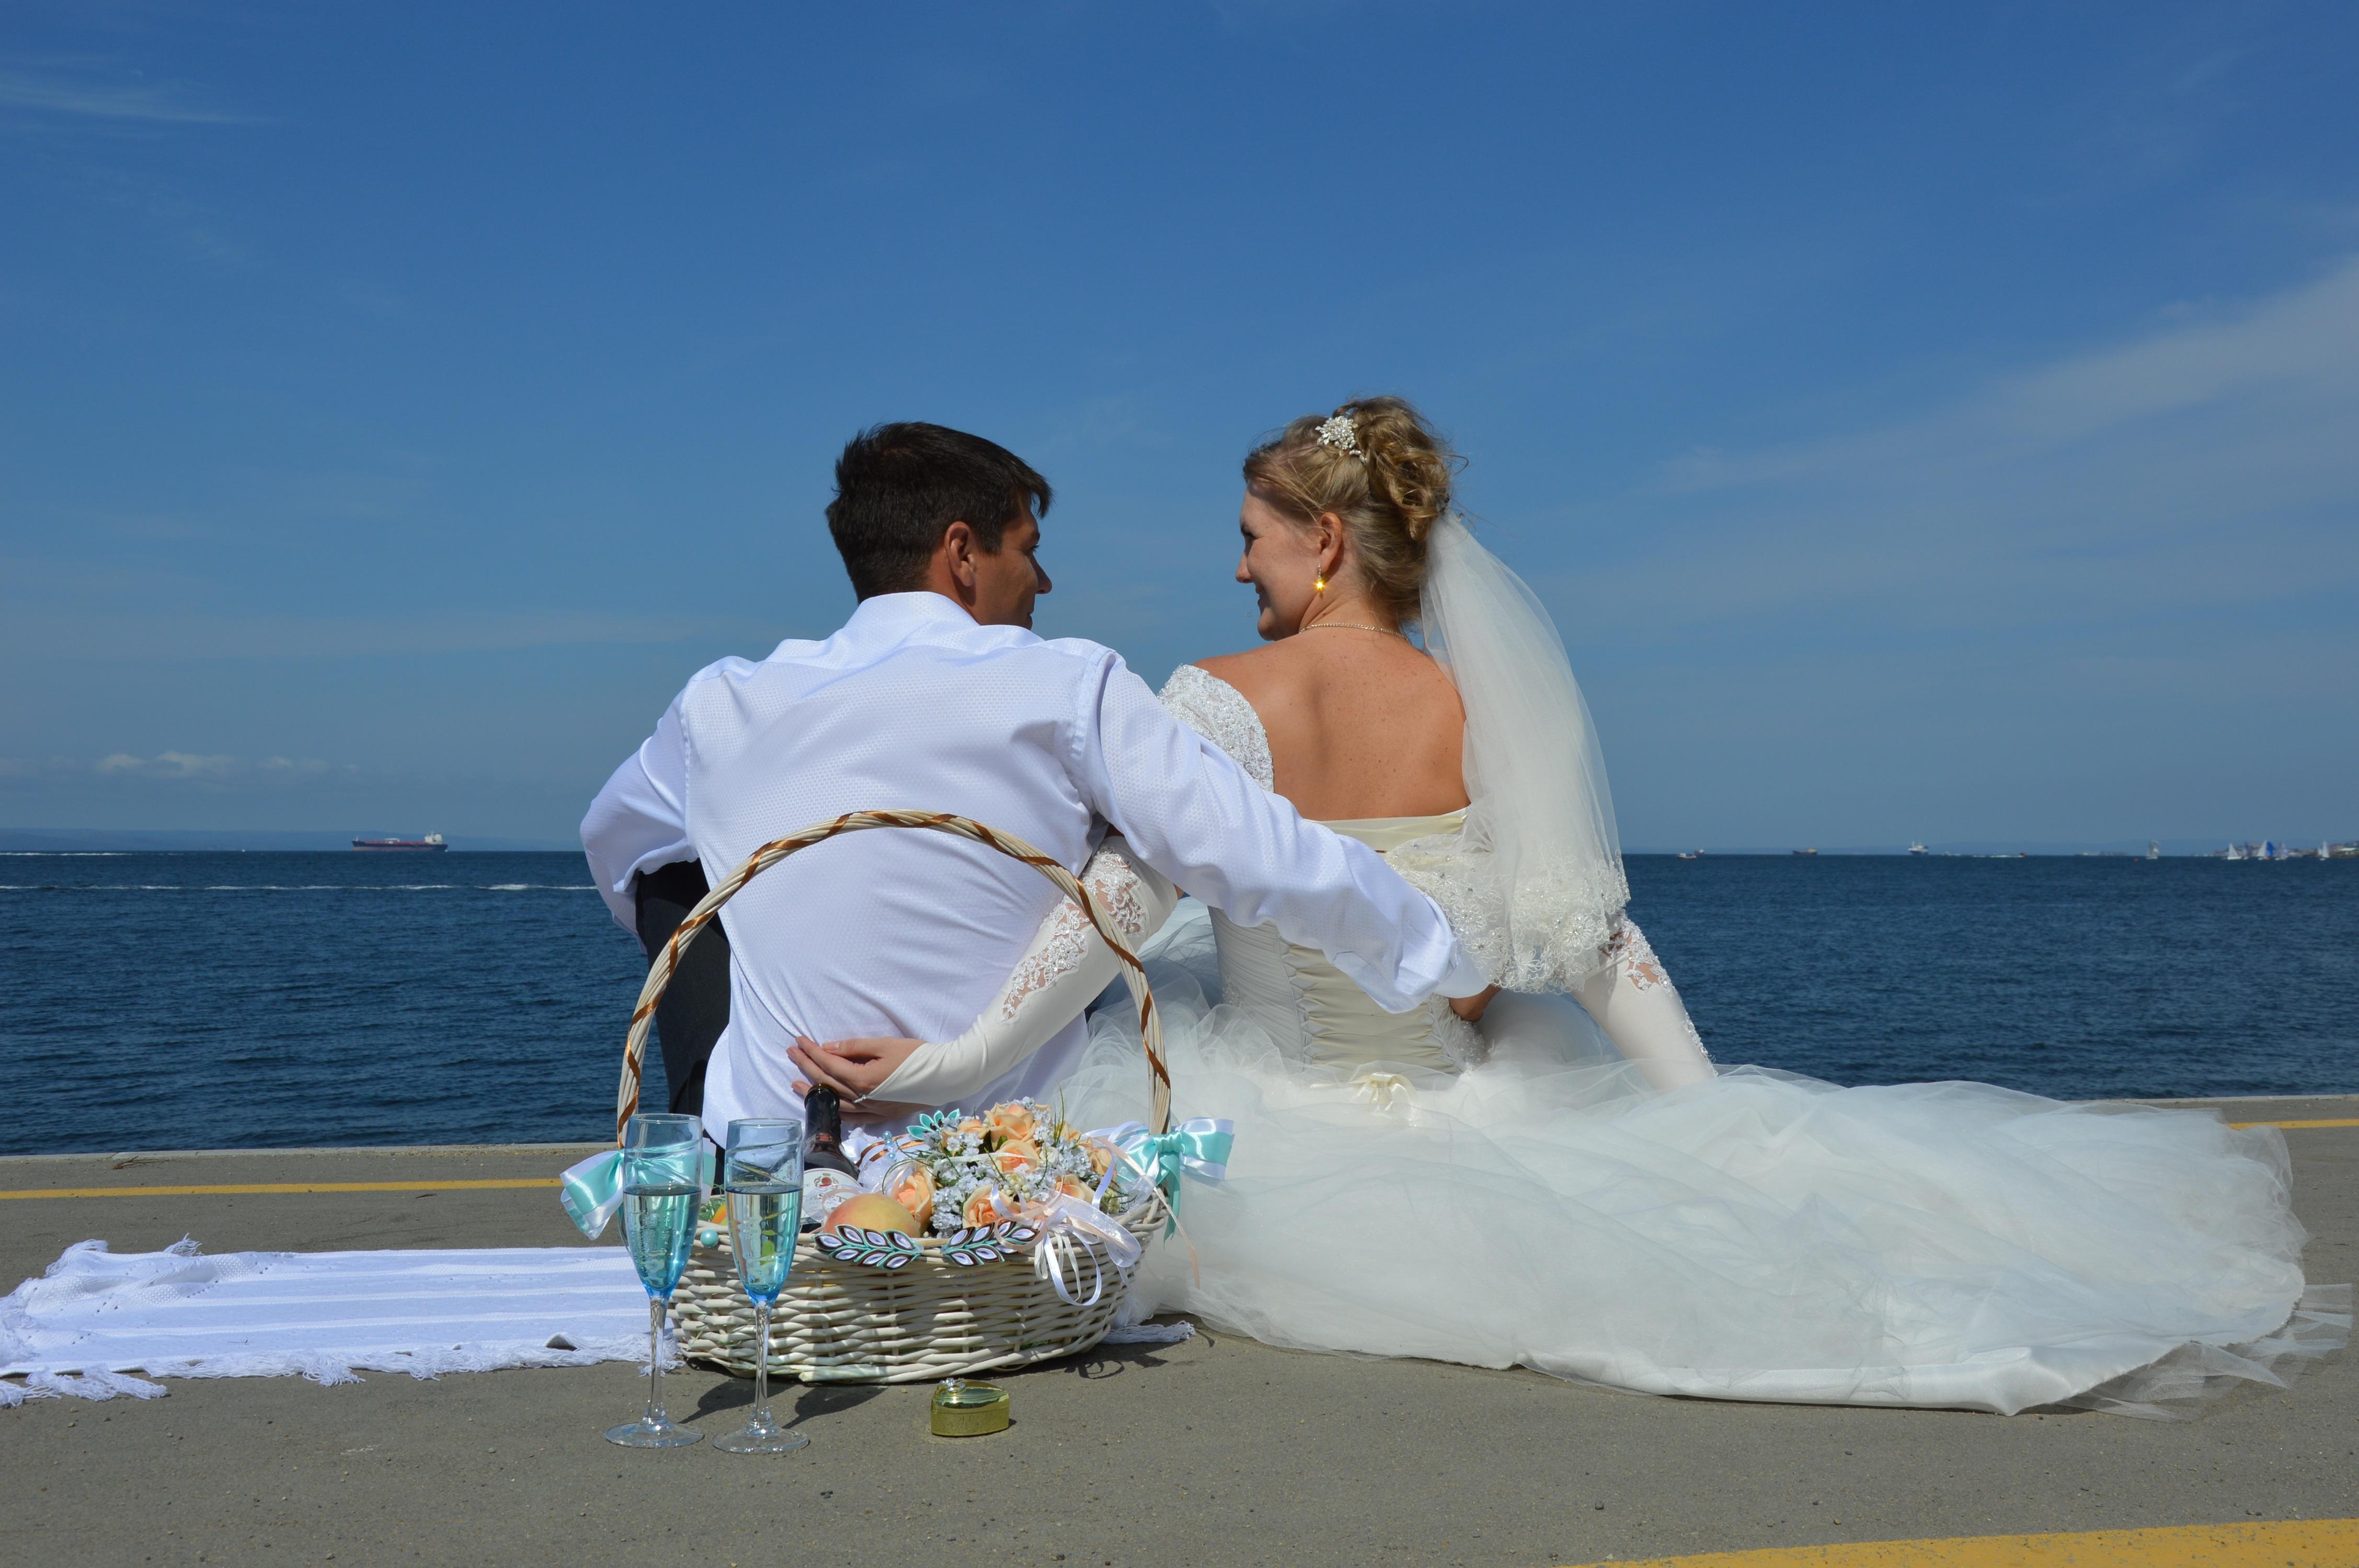 vestidos longos para casamento na praia 2